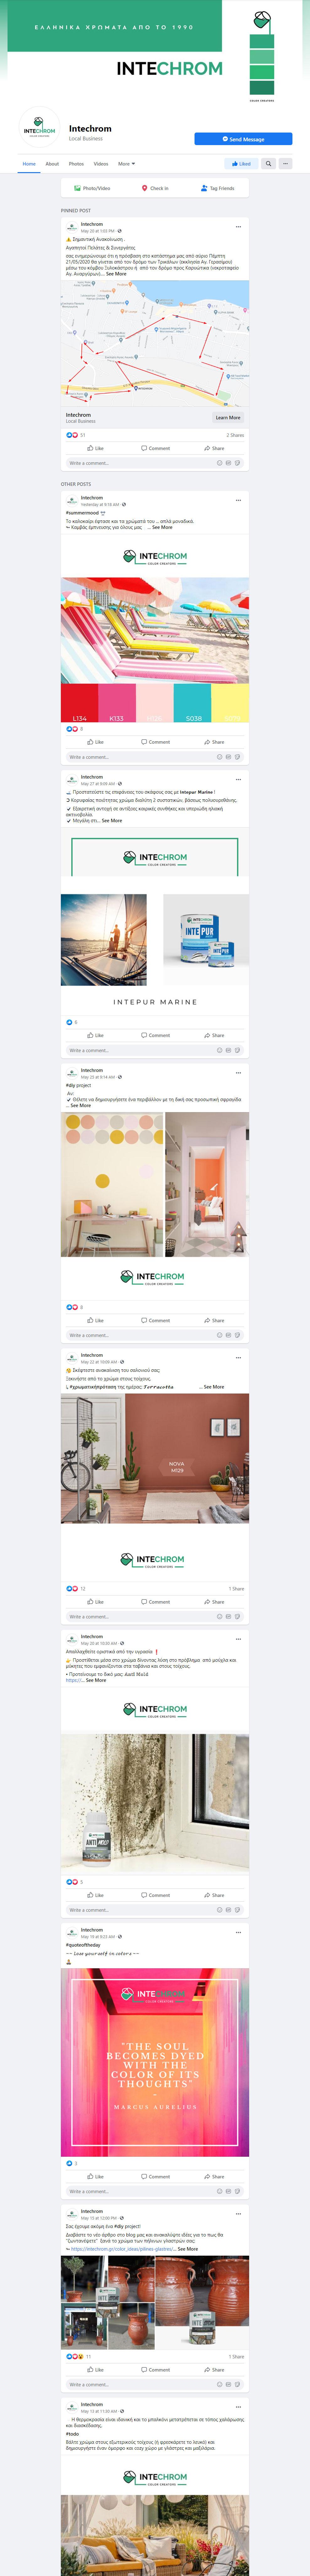 διαχείριση λογαριασμών social media - Intechrom